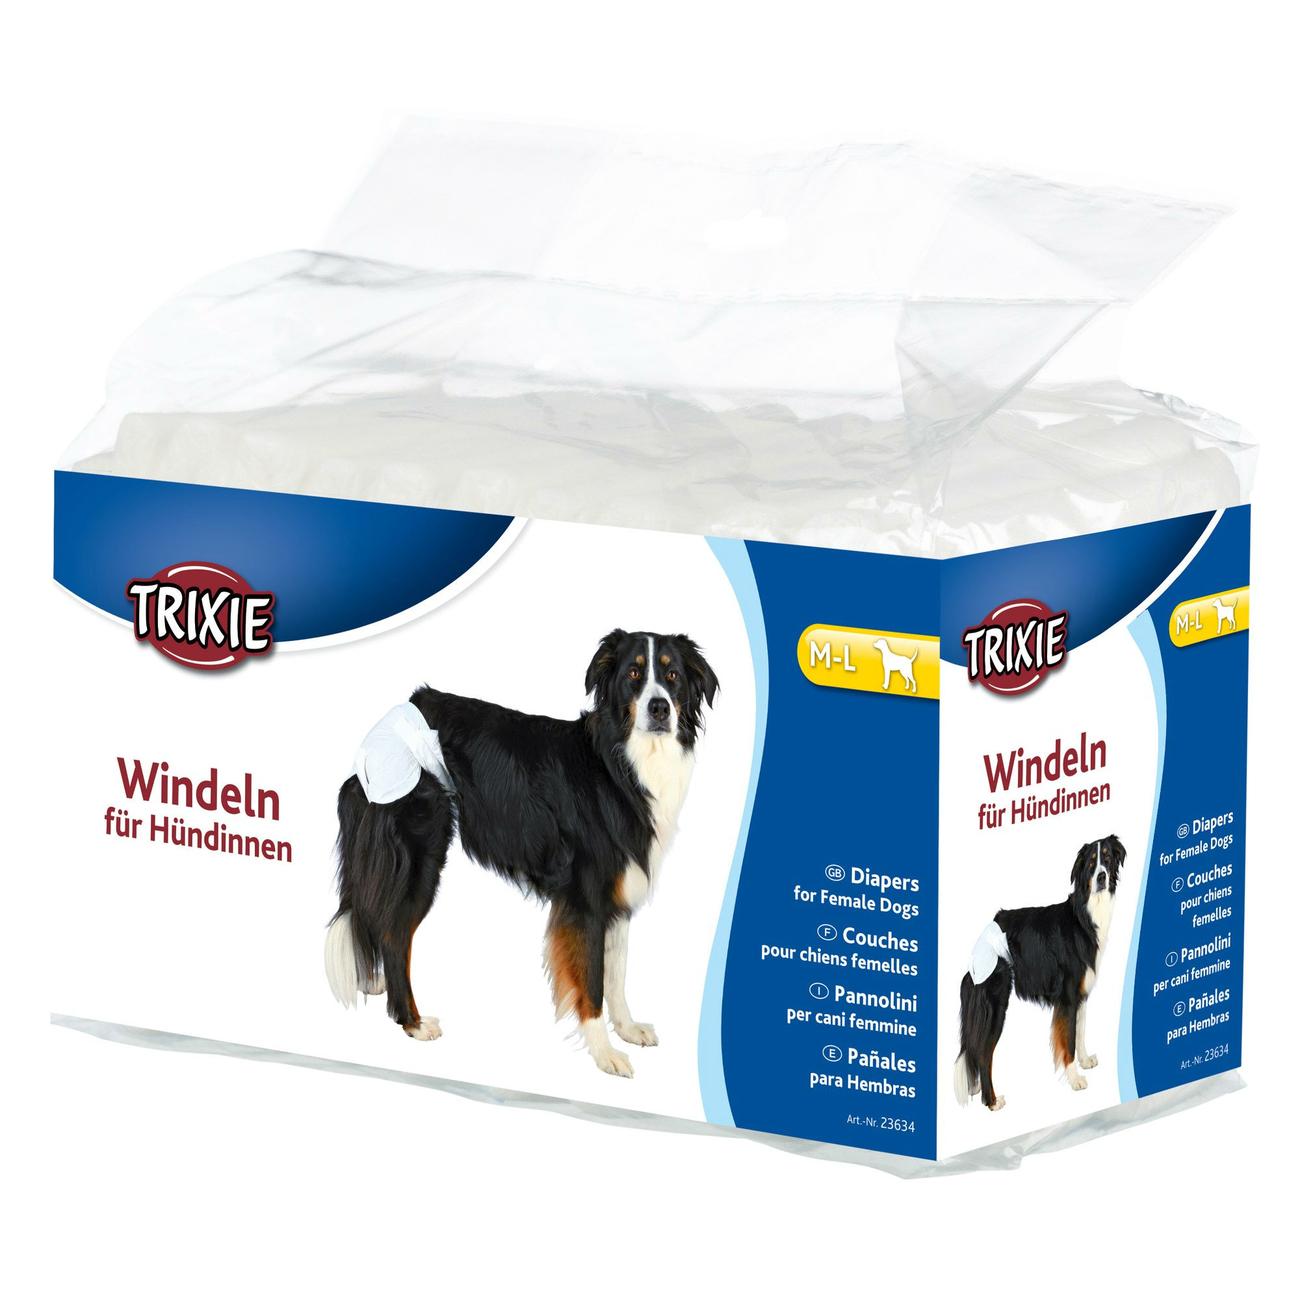 TRIXIE Hundewindeln für Hündinnen 23631, Bild 7